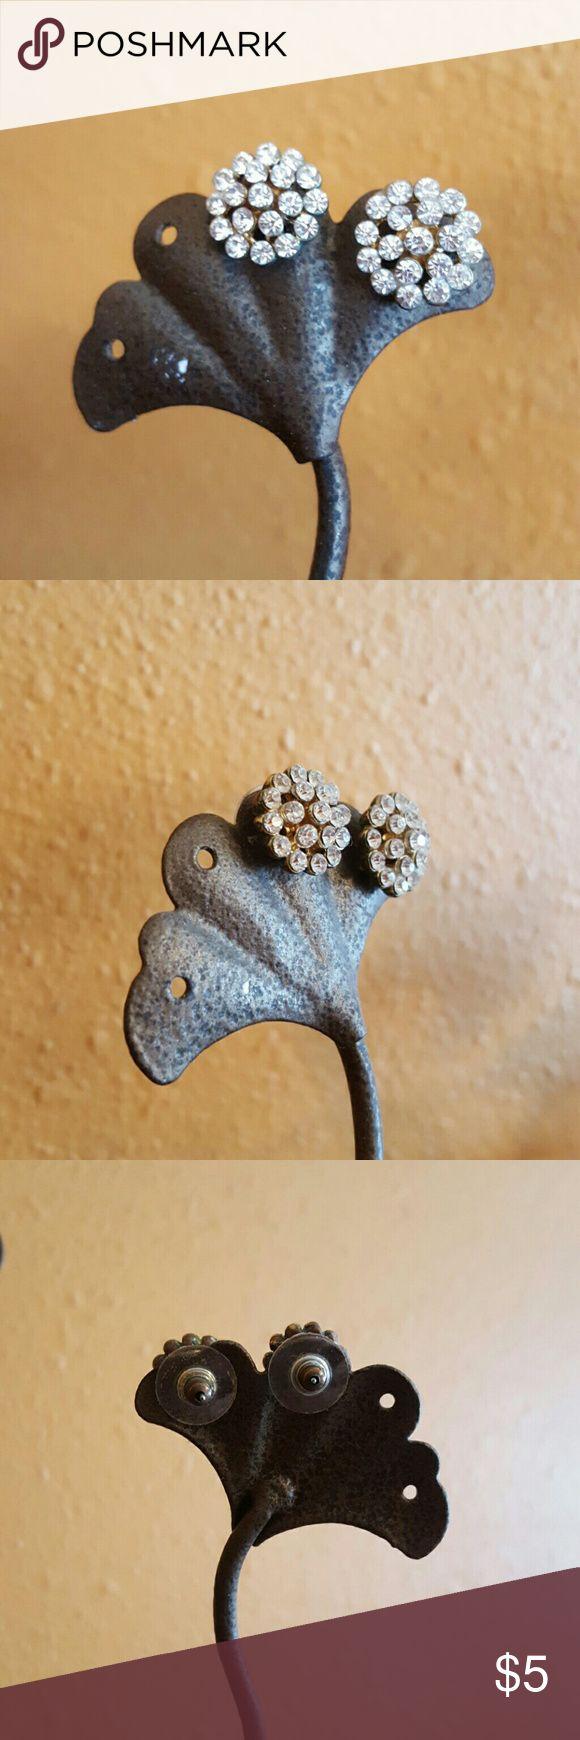 Diamond Flower Stud Earrings Super cute stud earrings! Jewelry Earrings